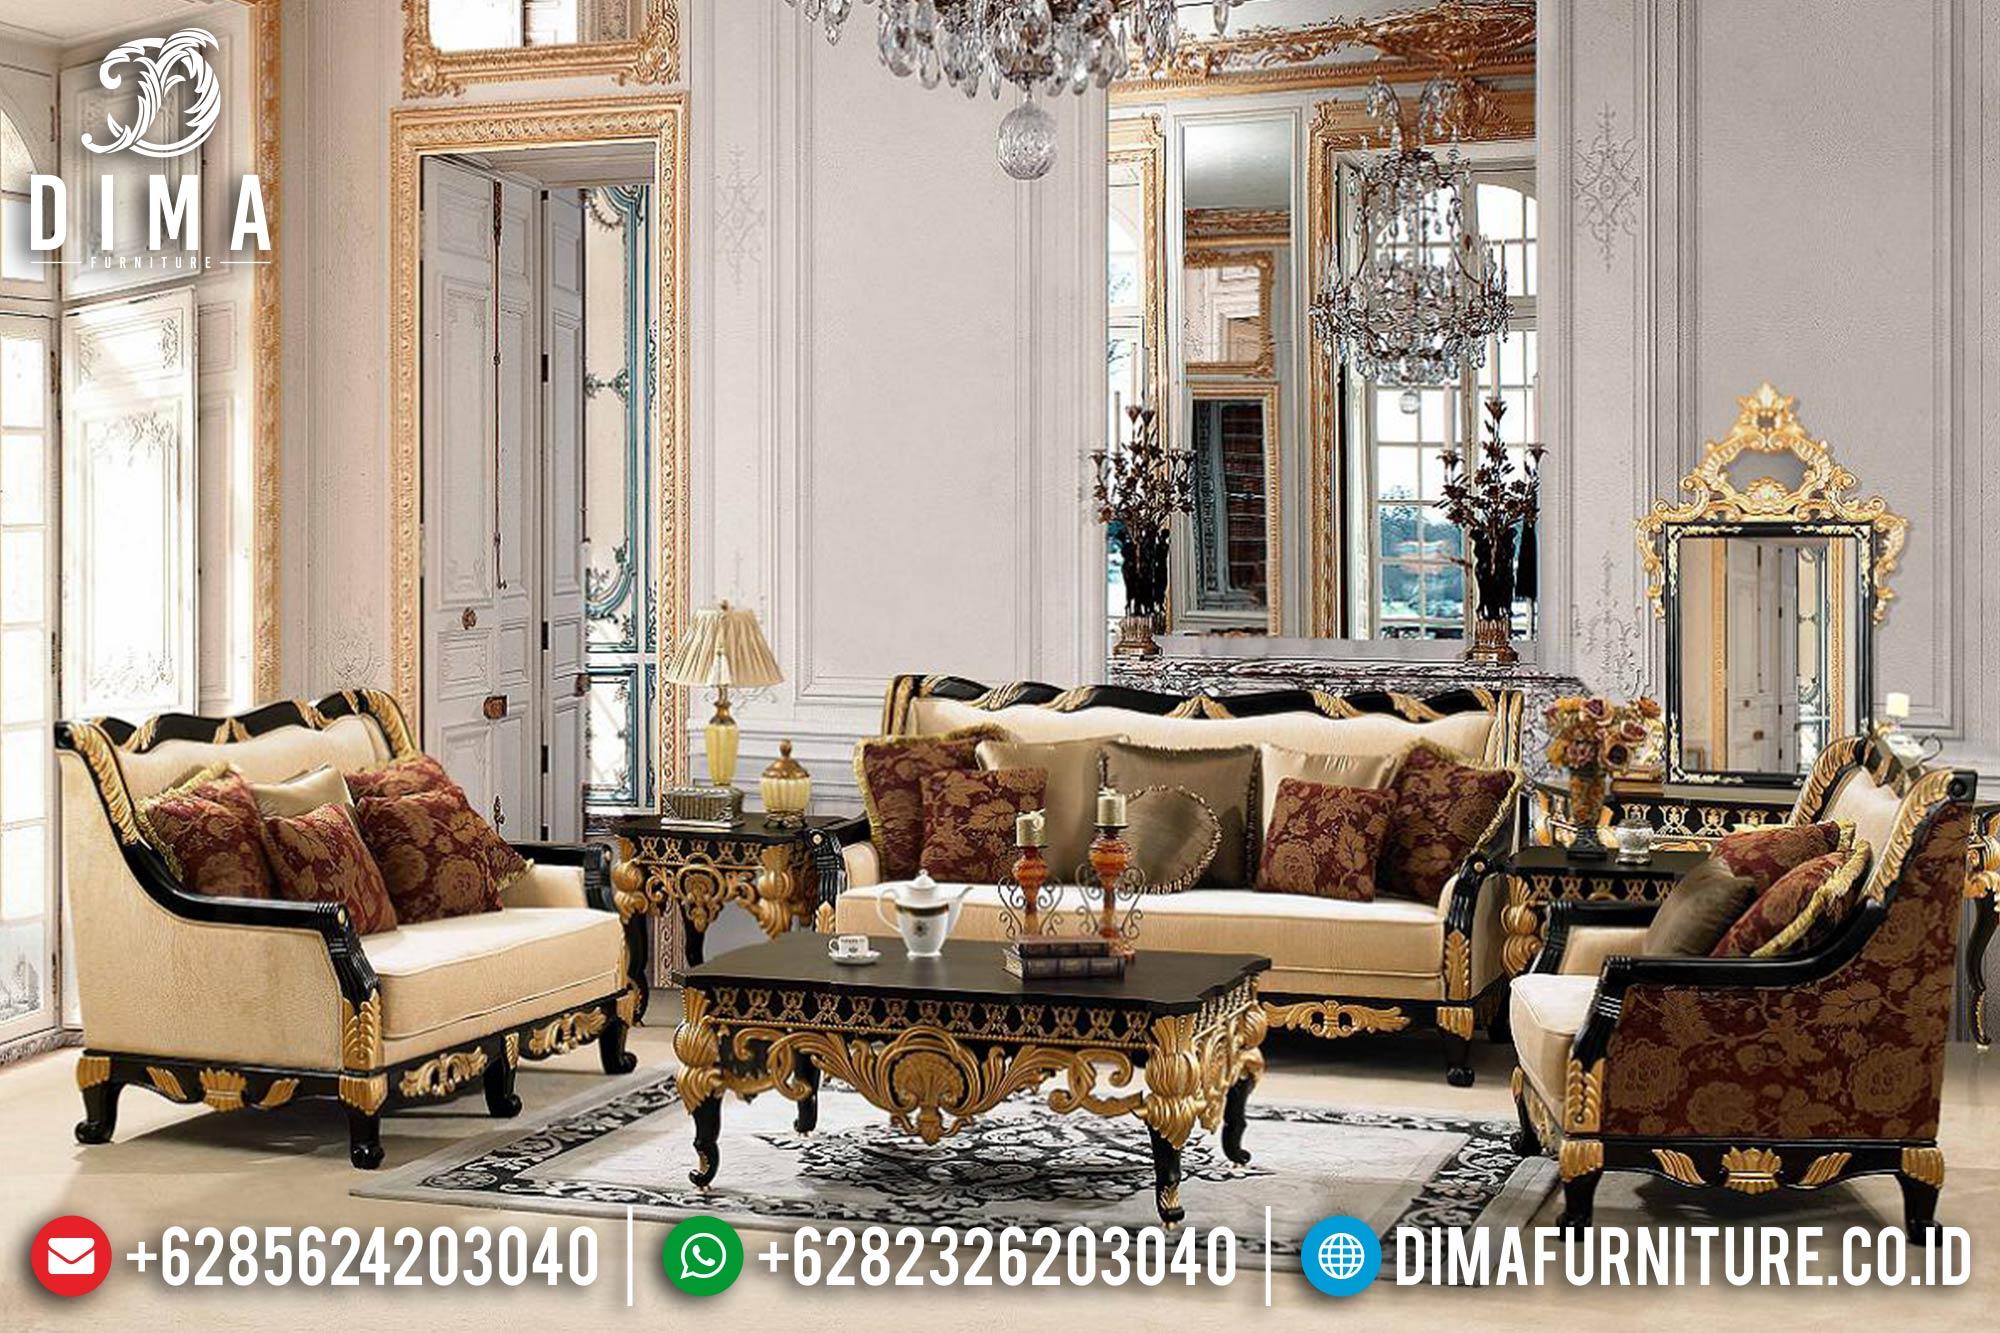 Sofa Tamu Jepara Mewah Minimalis Terbaru 21 Dima Furniture Jepara